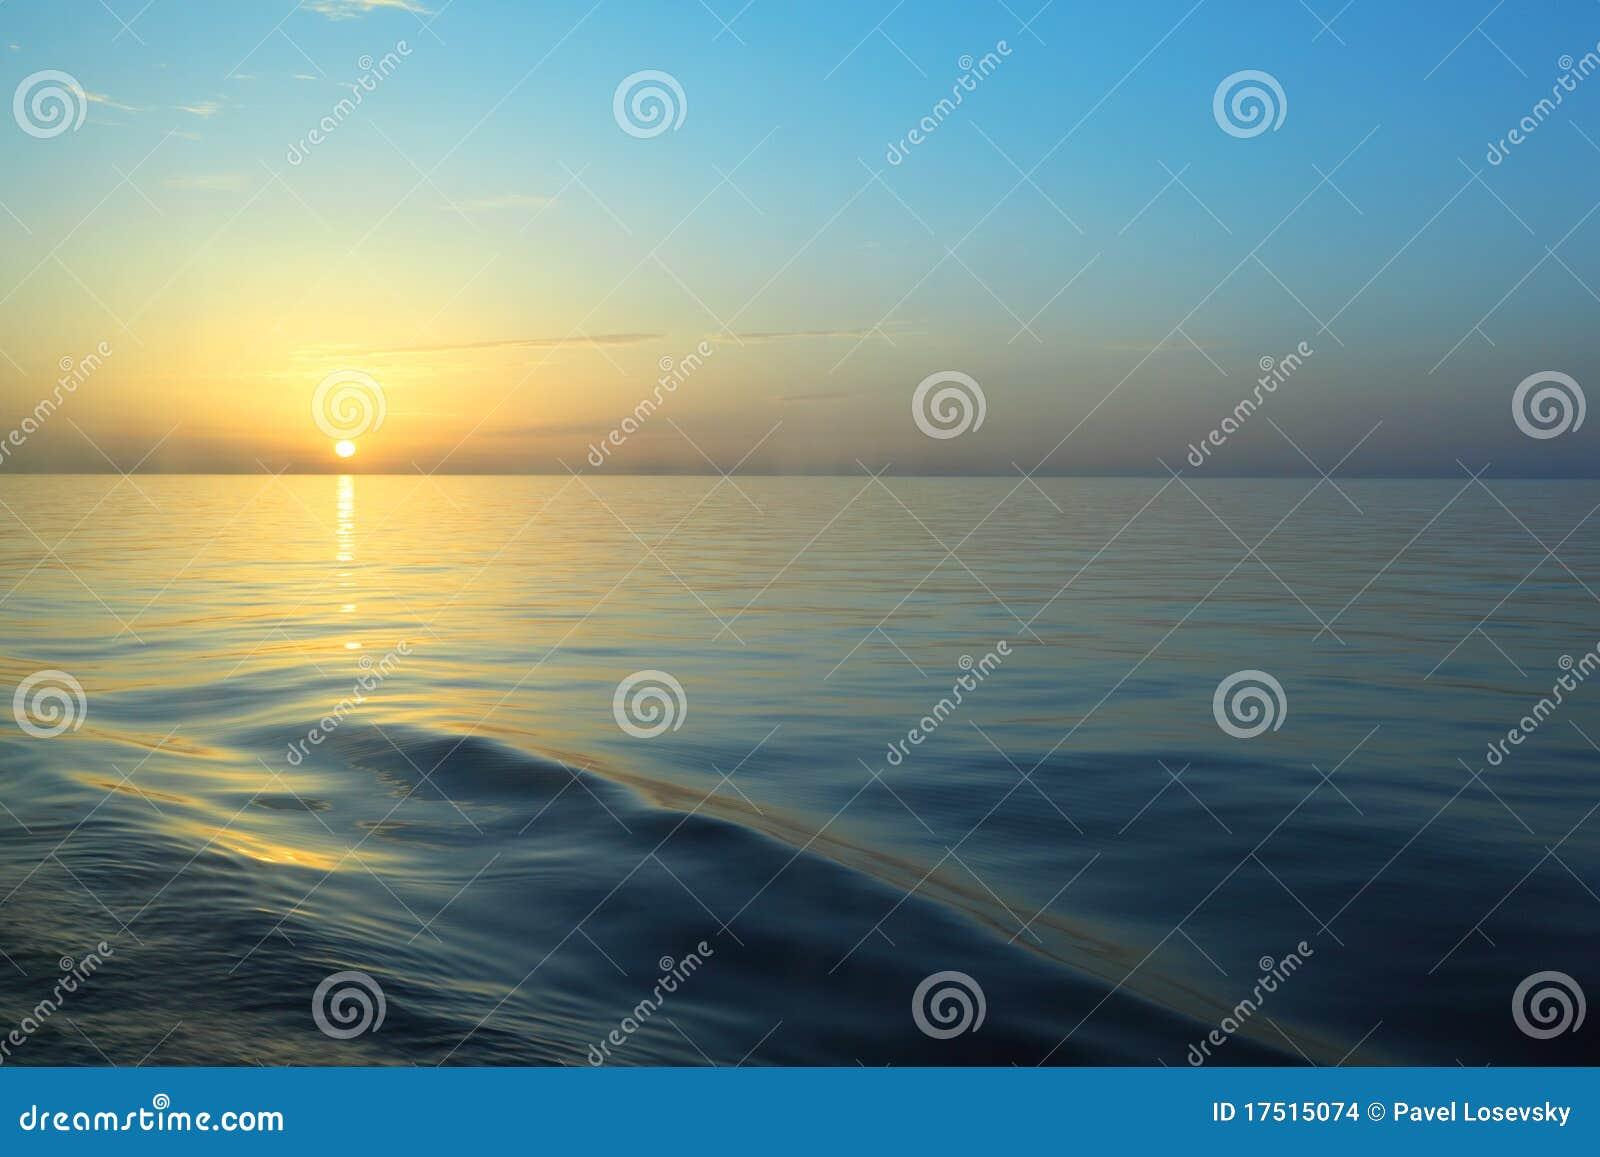 Schöner Sonnenaufgang unter Wasser.